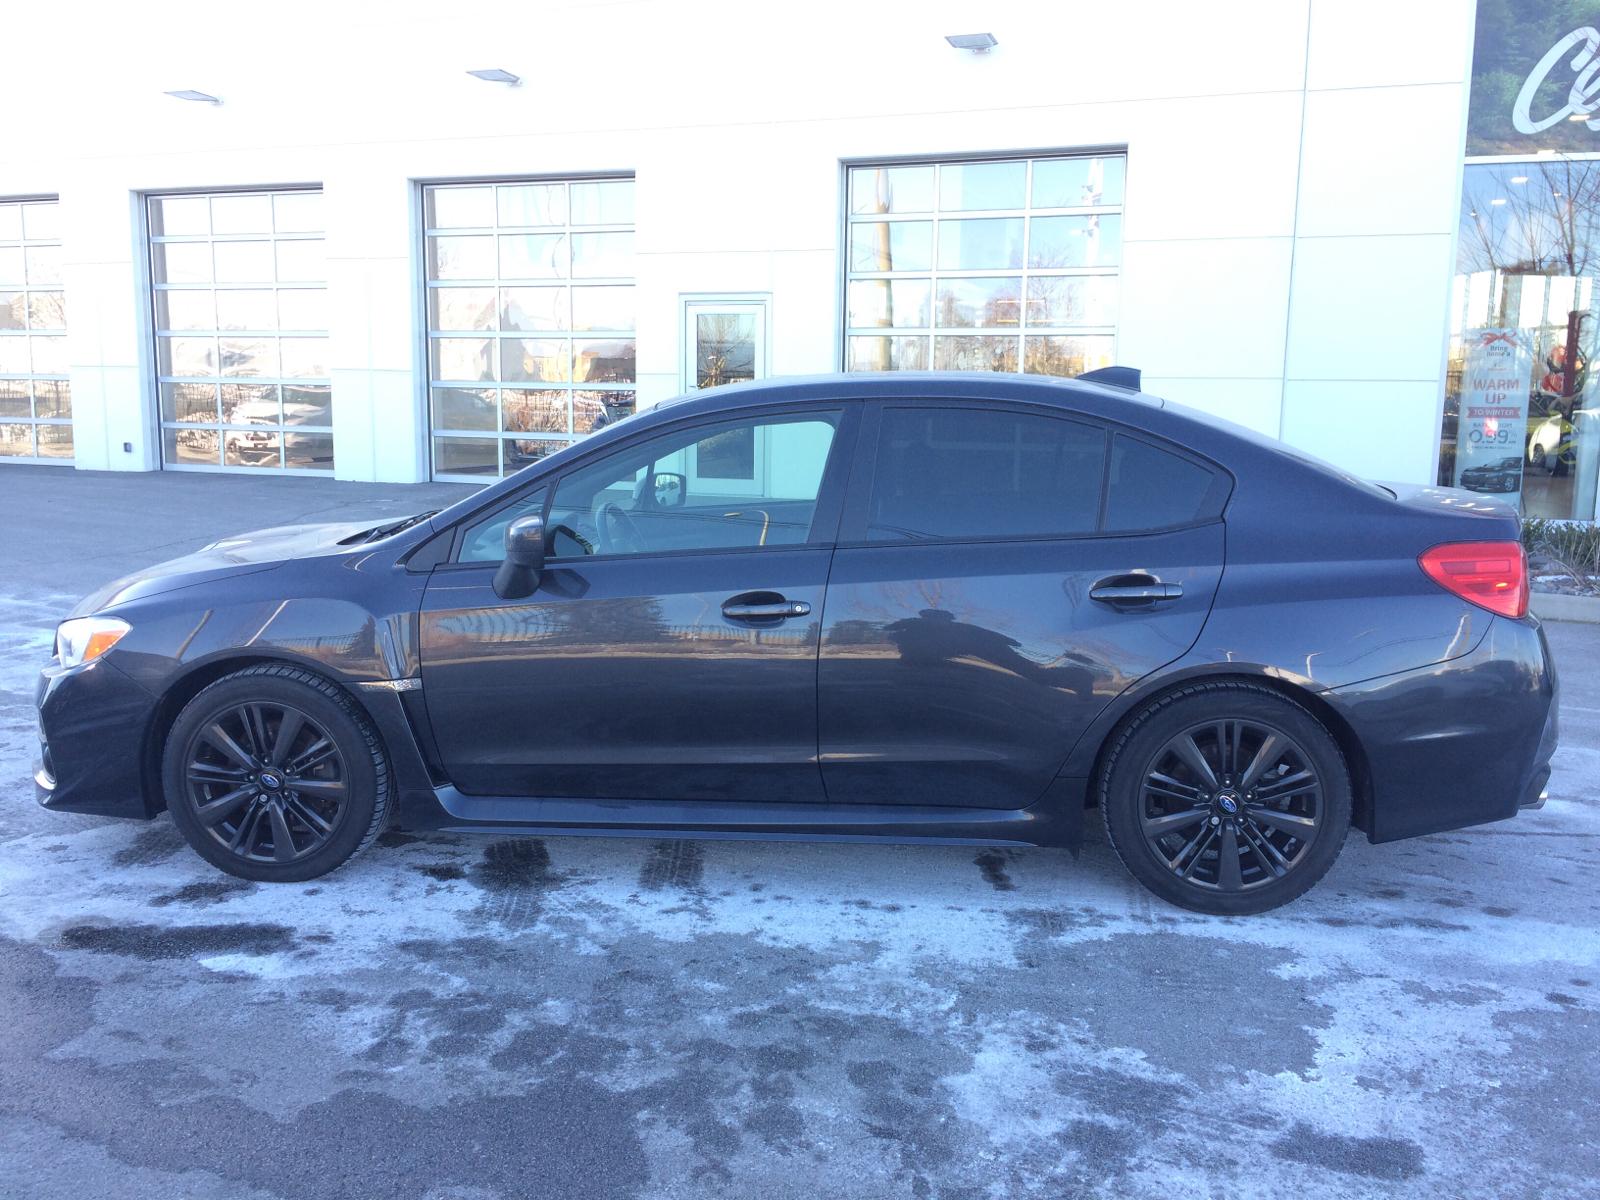 Used 2015 Subaru Impreza WRX in Abbotsford,BC